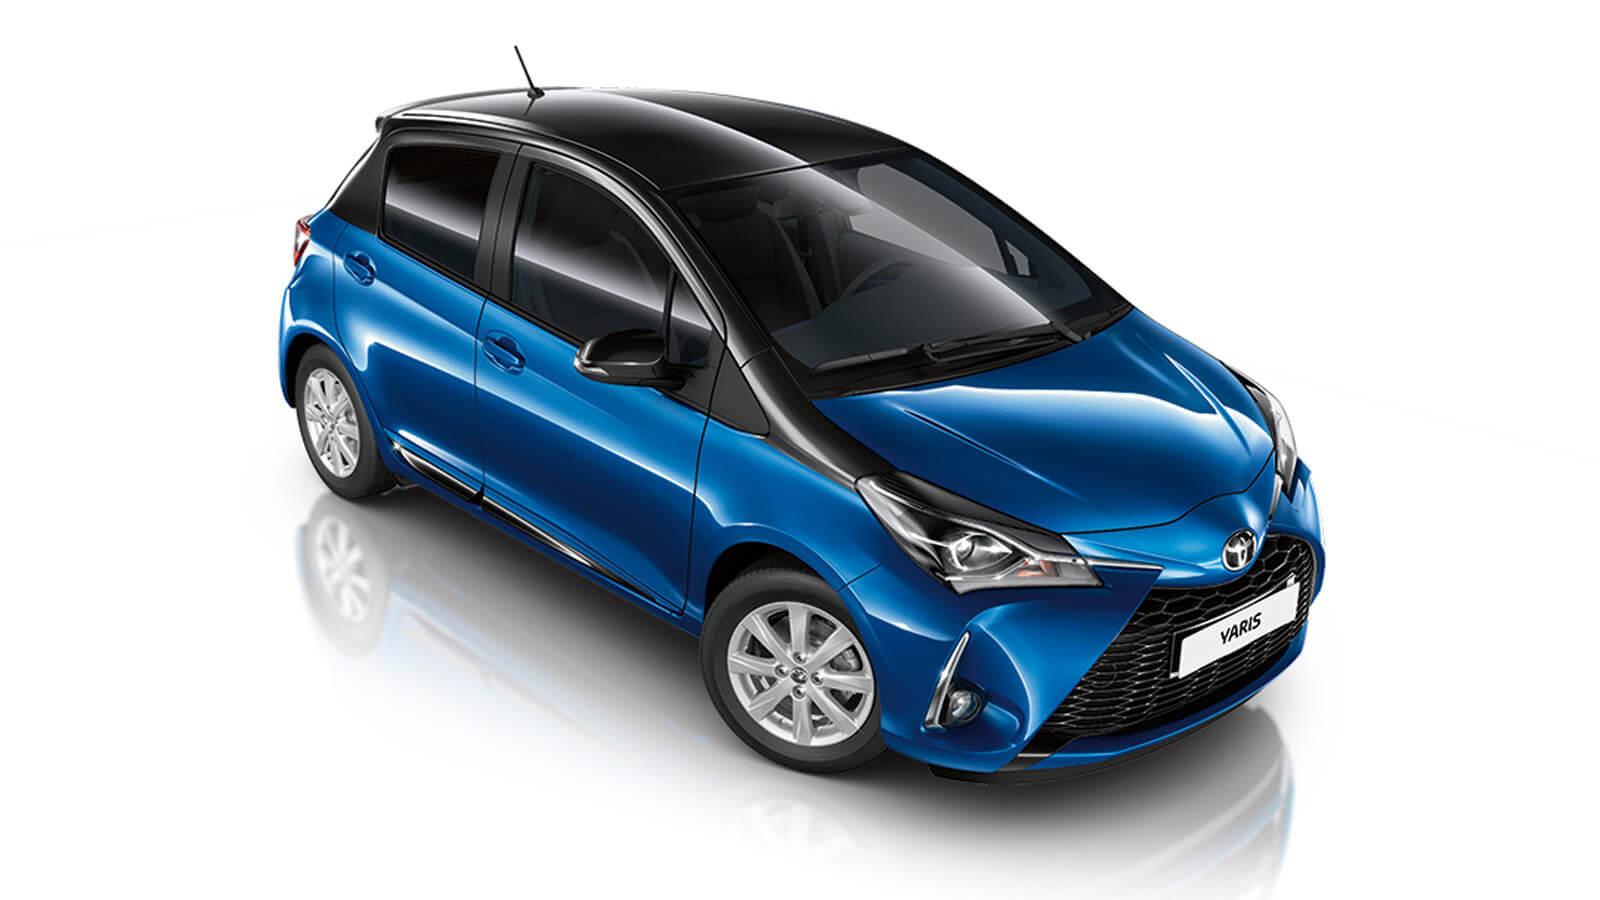 Toyota Yaris - yeni tasarımlı, ekonomik bir otomobil